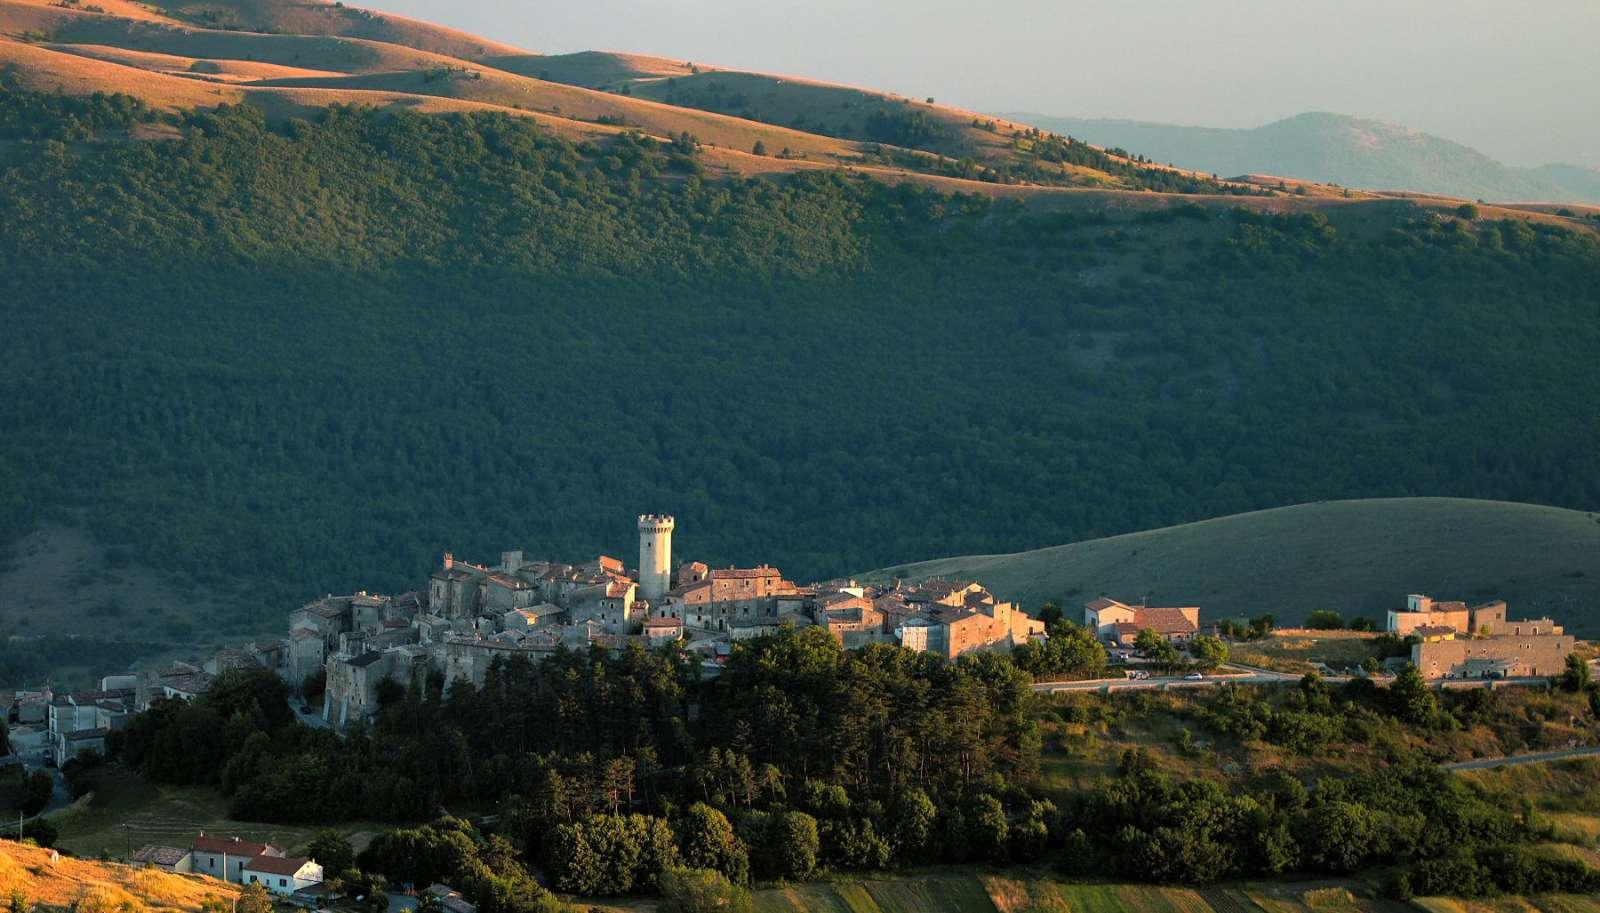 Byens markante profil til minde om en svunden tid før jordskælvet i 2009, hvor byen stadig havde sit middelaldertårn